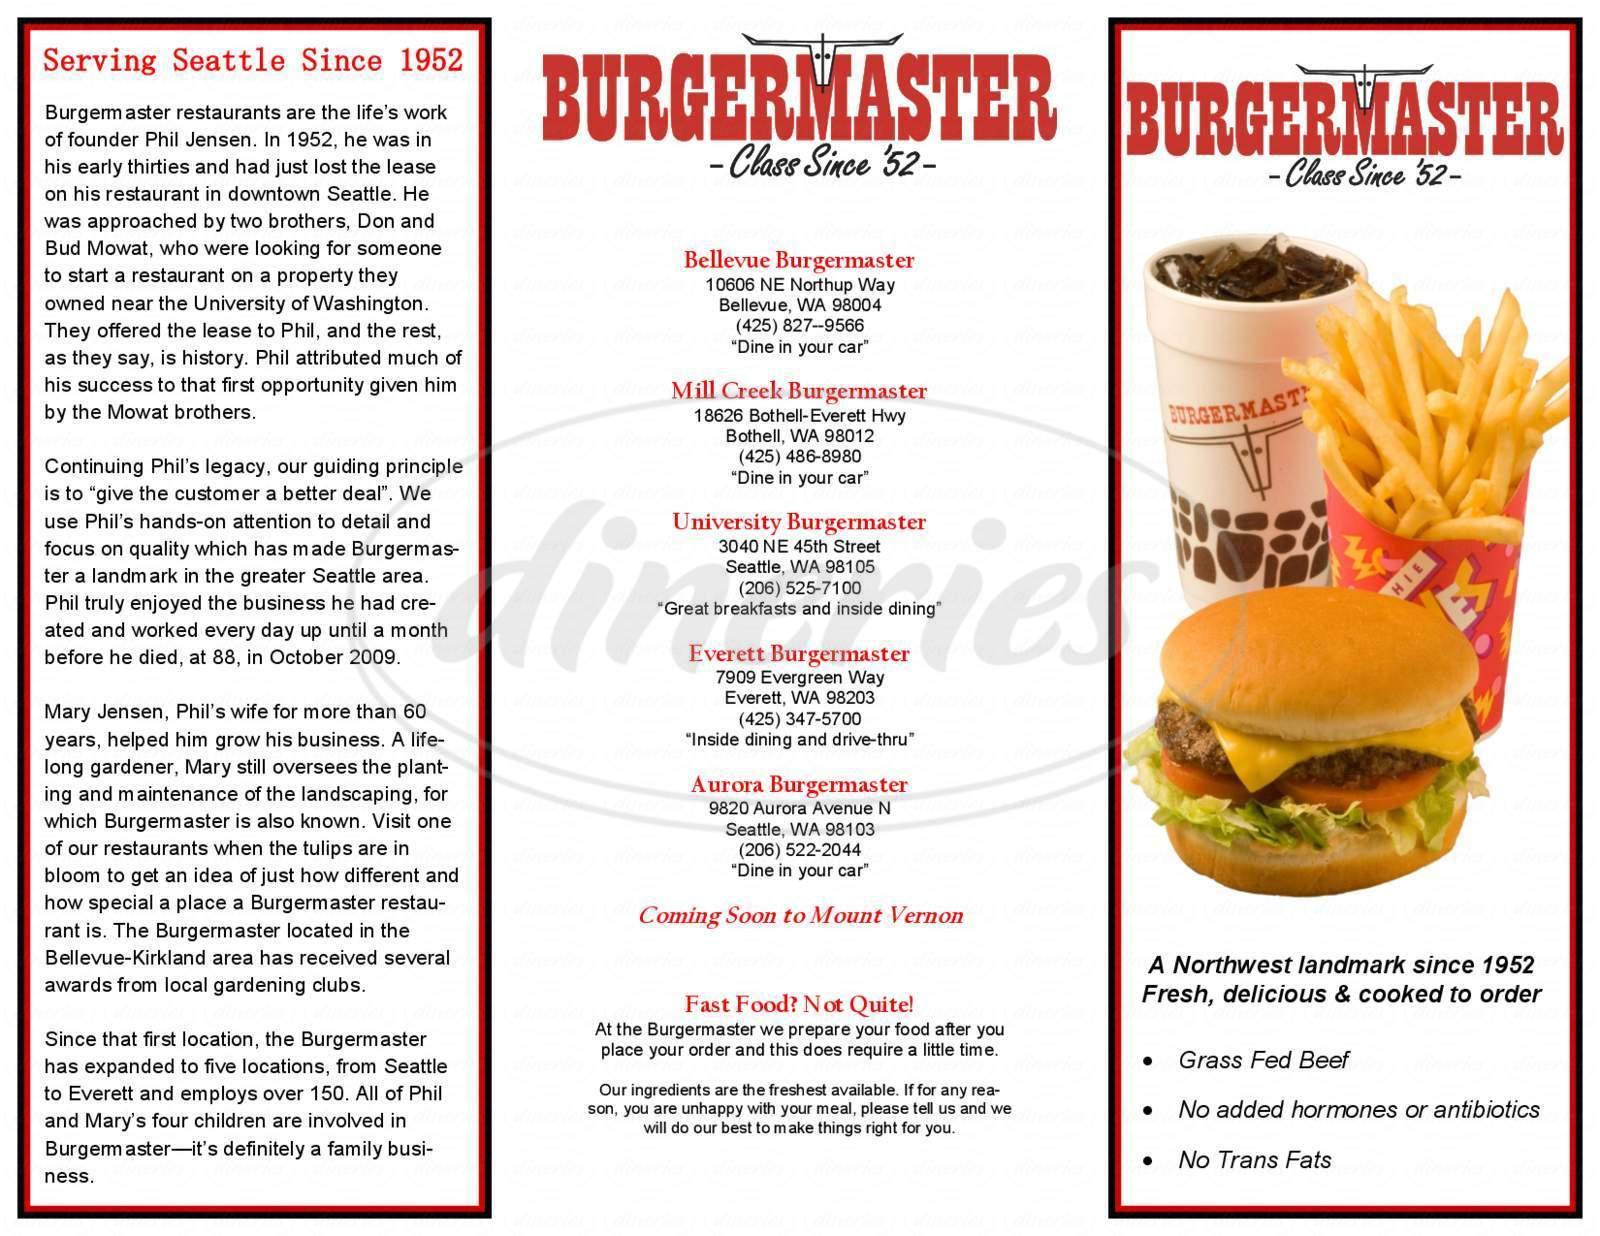 menu for Burgermaster